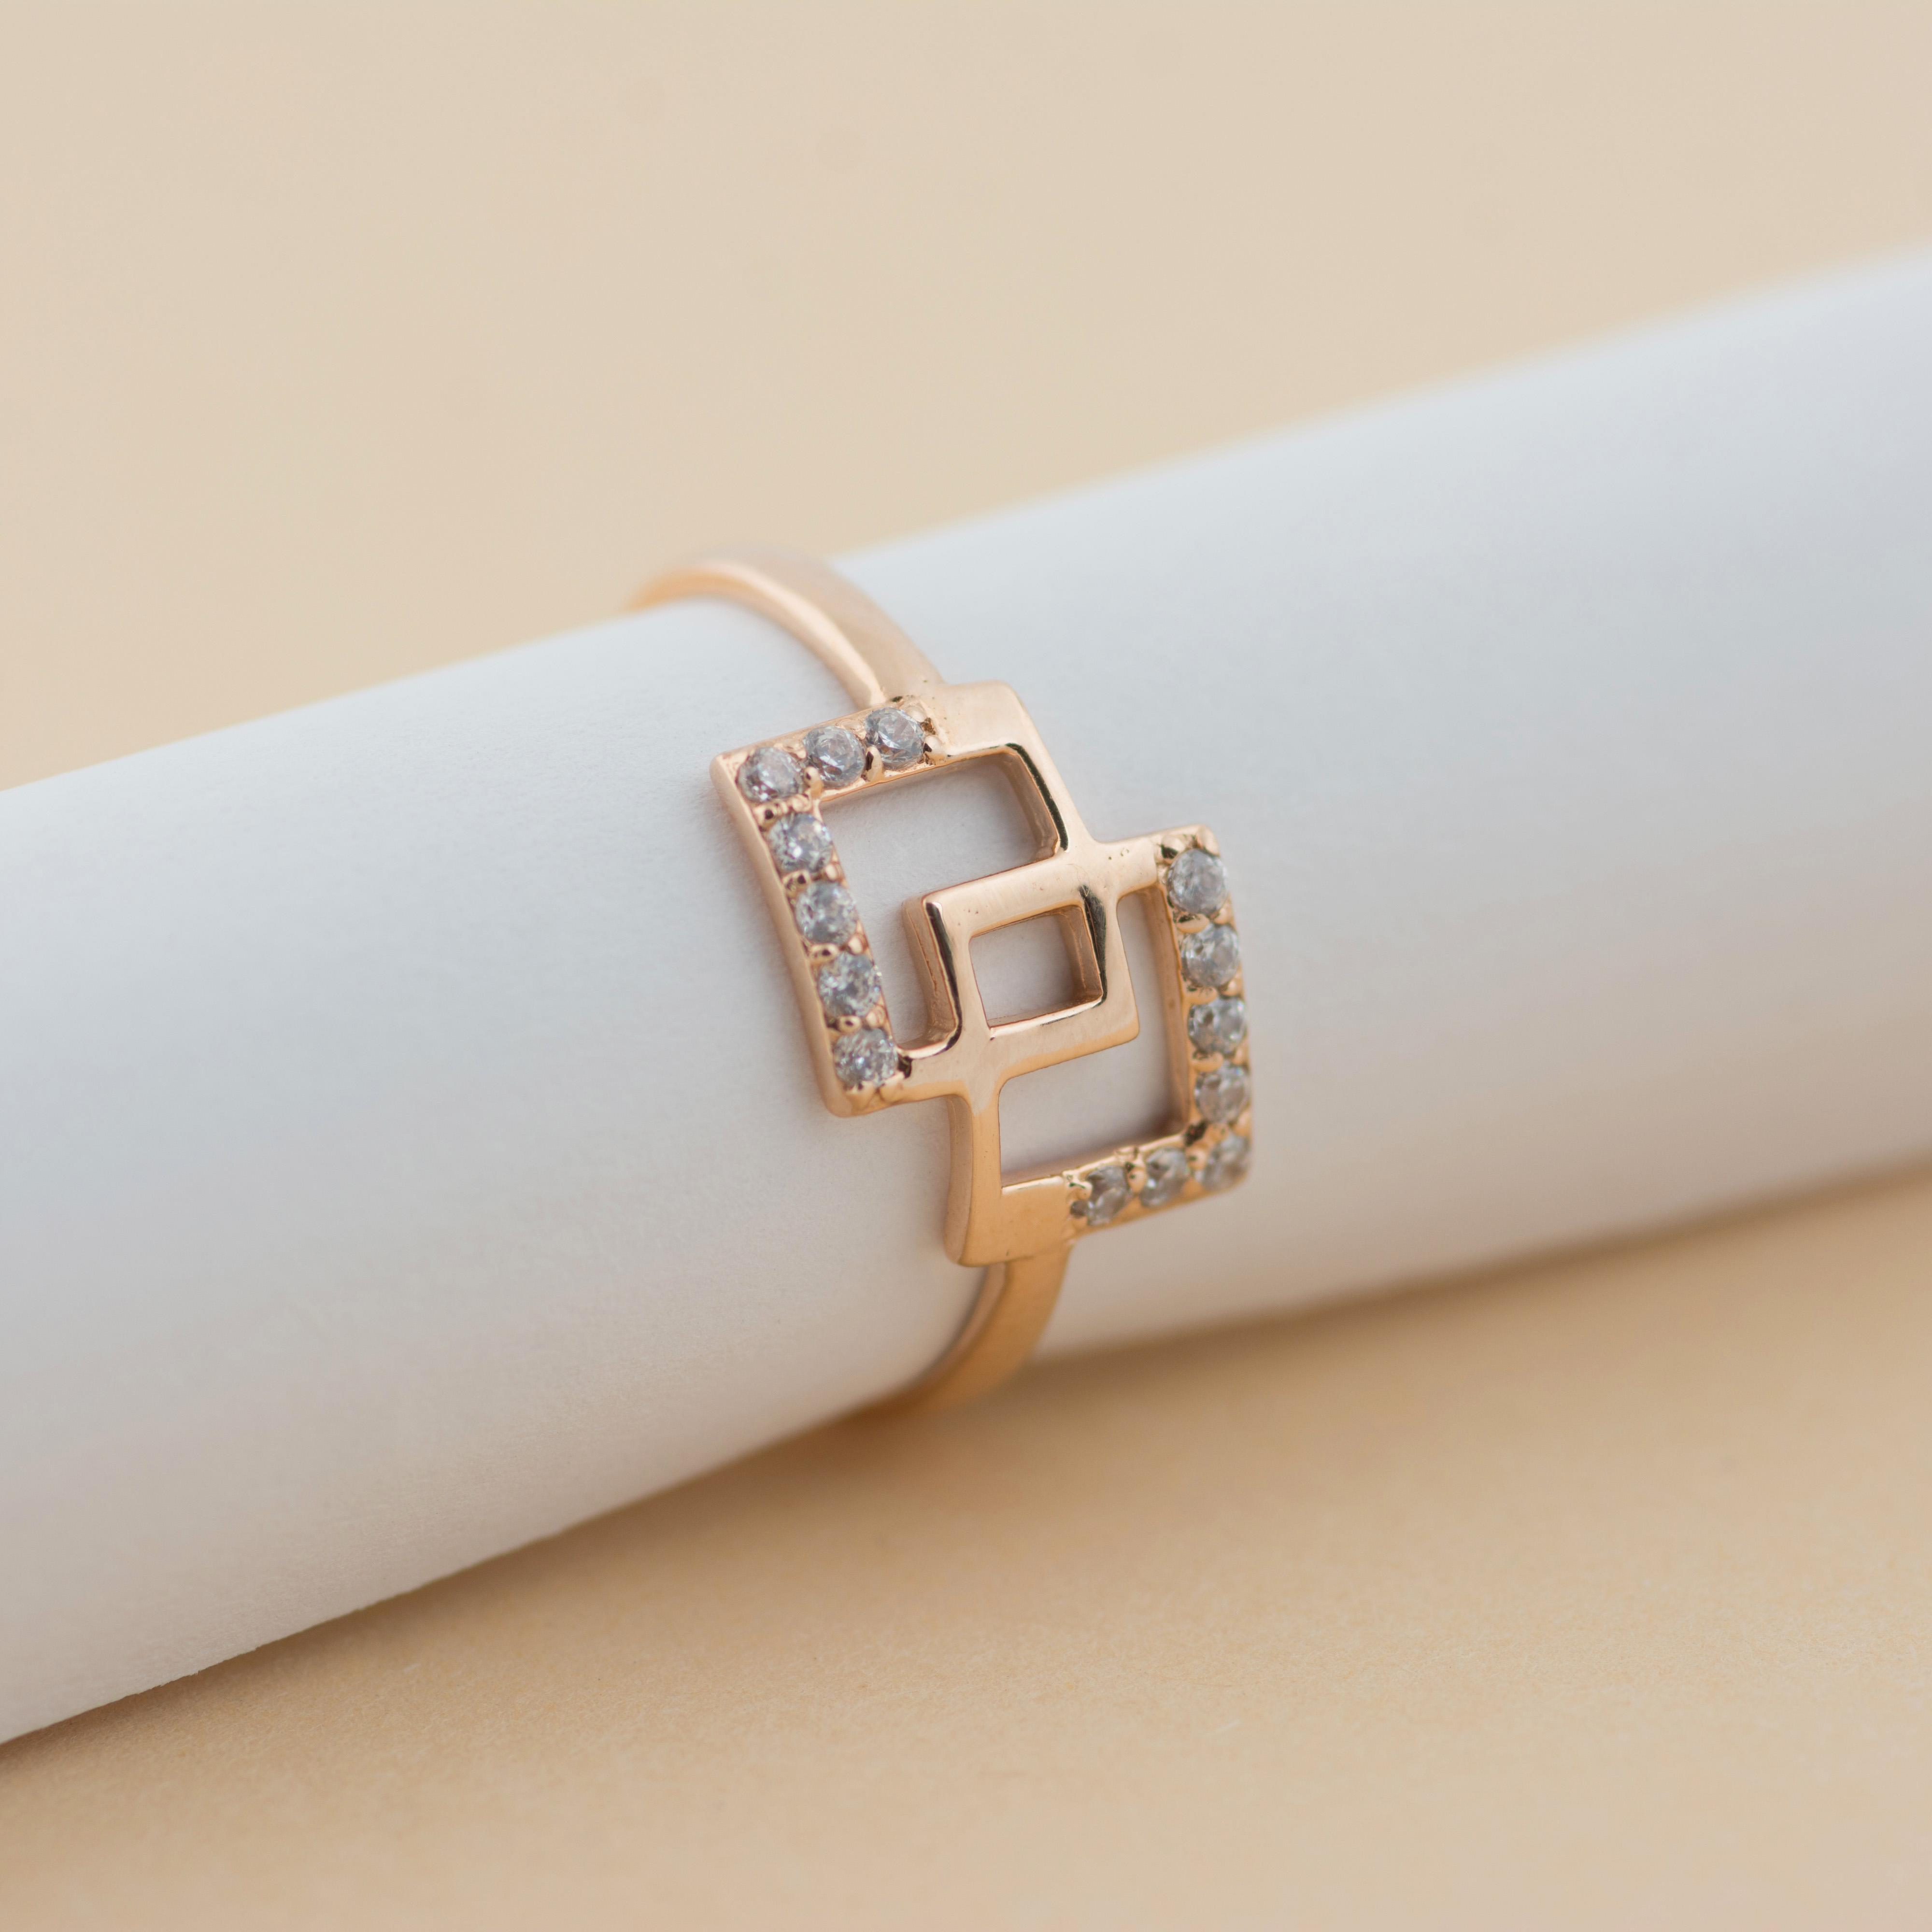 Модное золотое кольцо по низкой цене производителя Киевголд